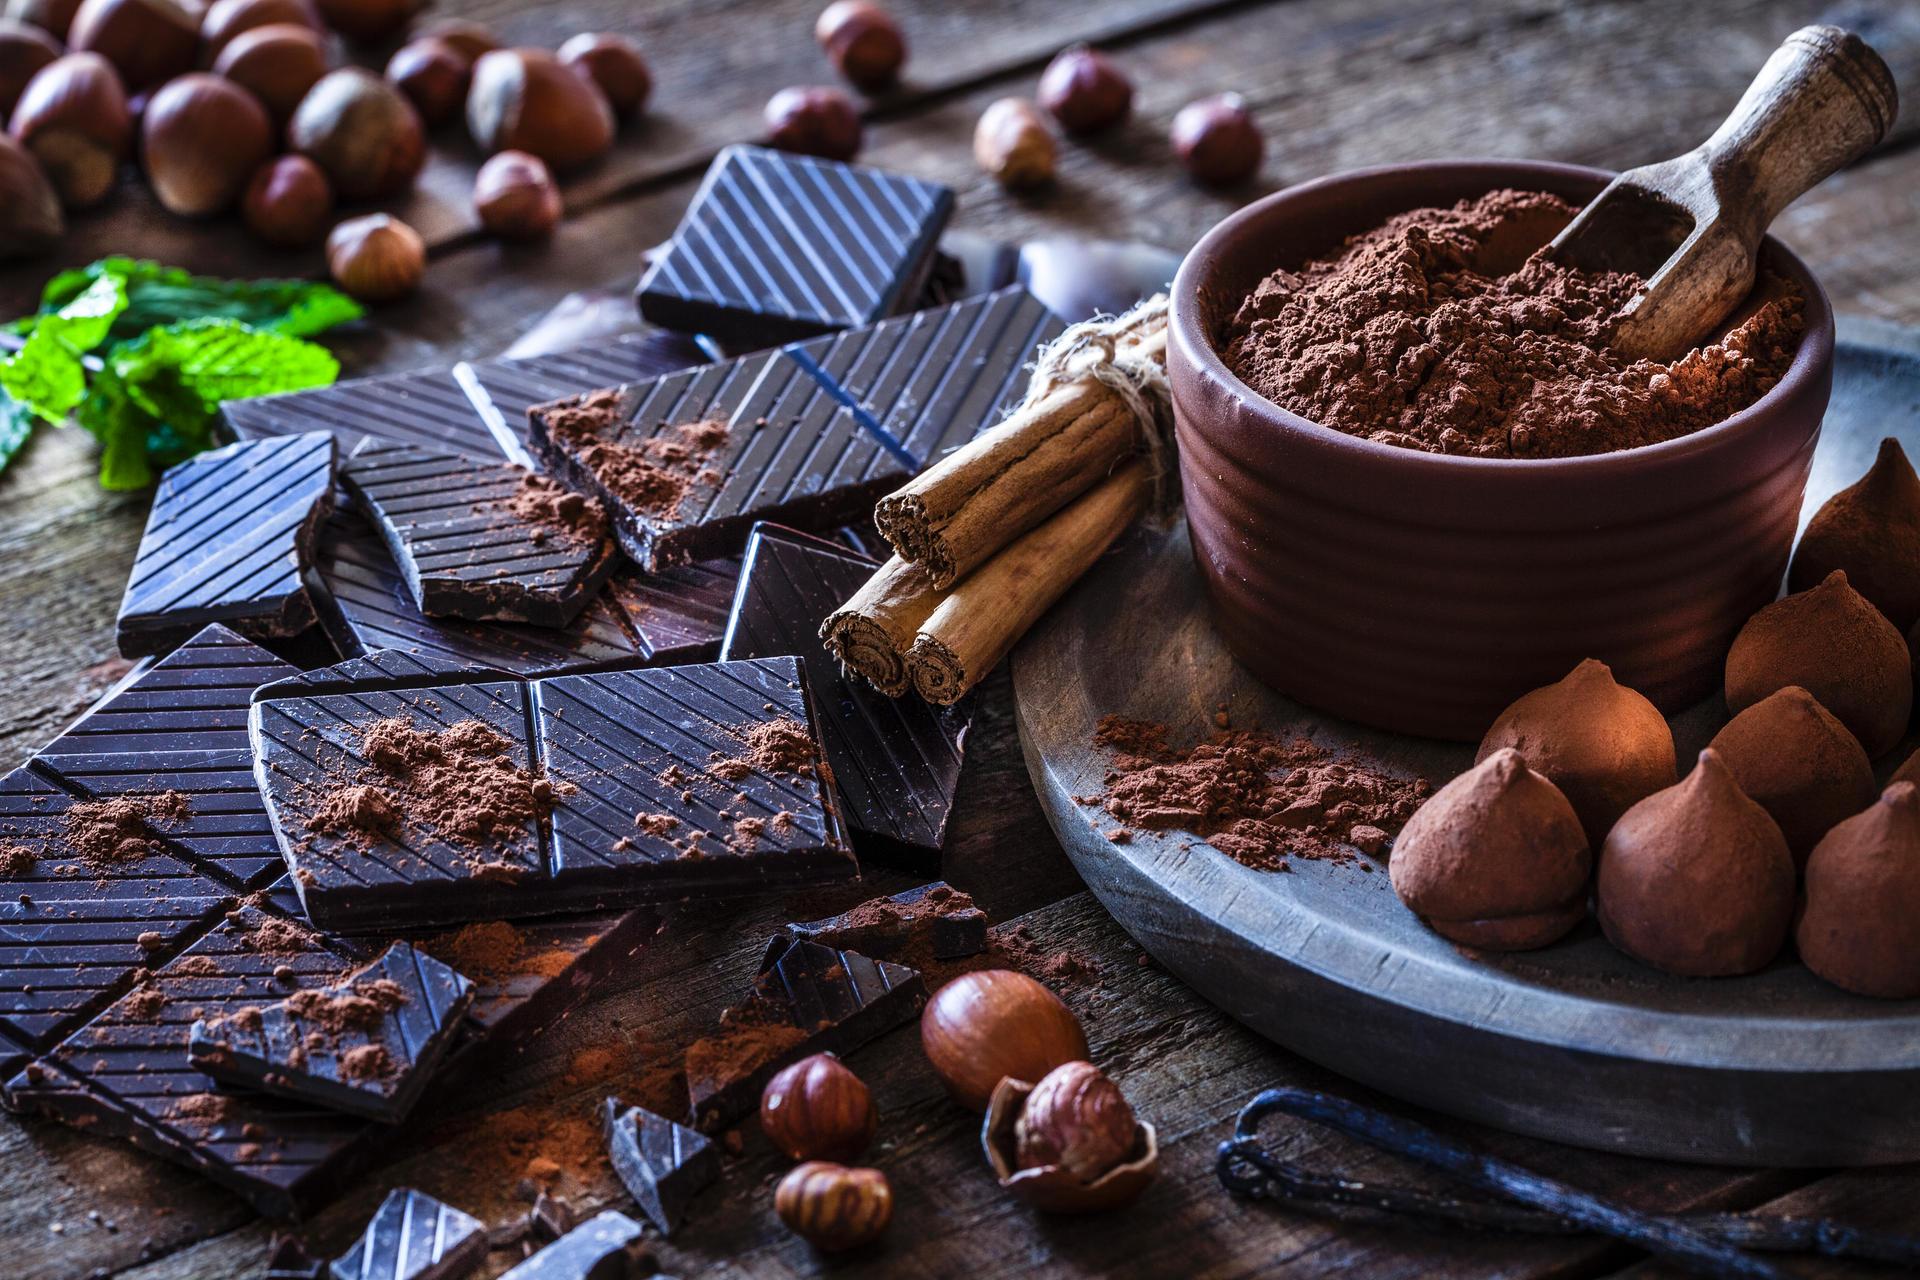 Thực phẩm giảm cholesterol - socola đen và cacao